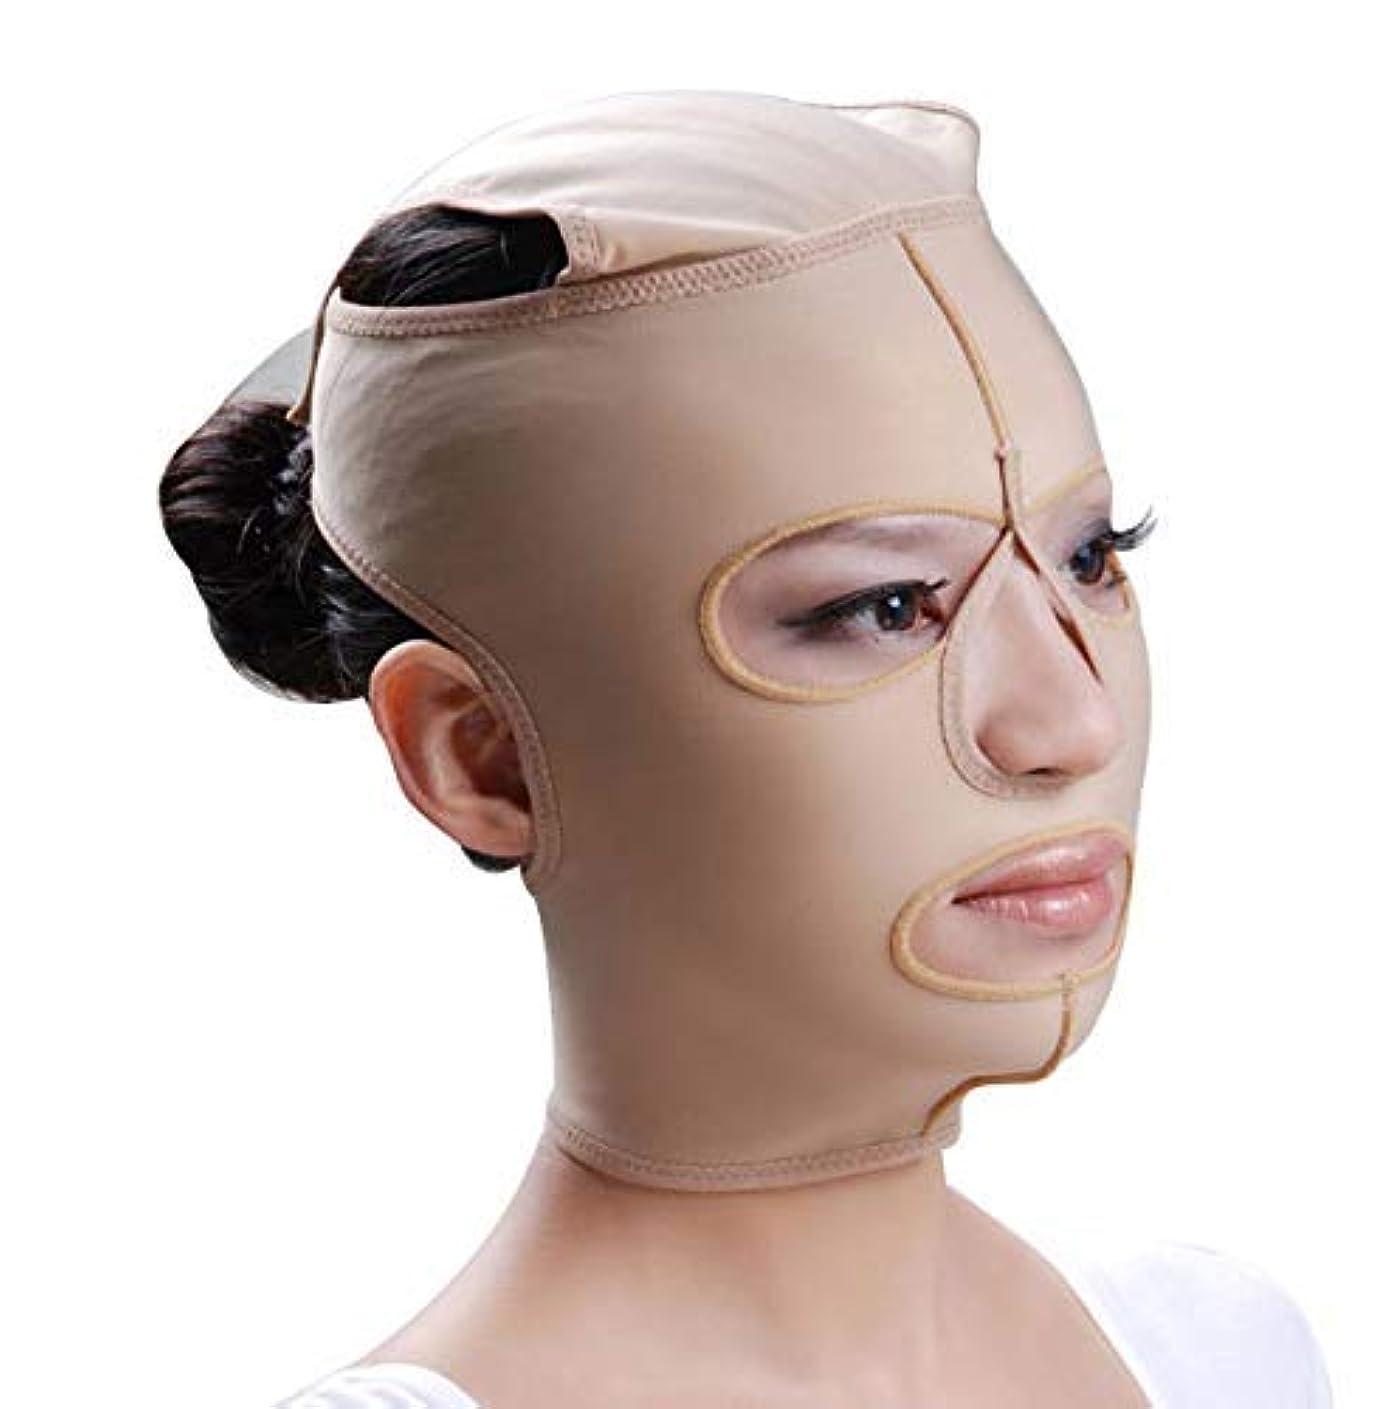 面白い明確に郵便番号ファーミングフェイスマスク、フェイシャルマスクエラスティックフェイスリフティングリフティングファーミングパターンマイクロフィニッシングポストモデリングコンプレッションフェイスマスク(サイズ:S),L